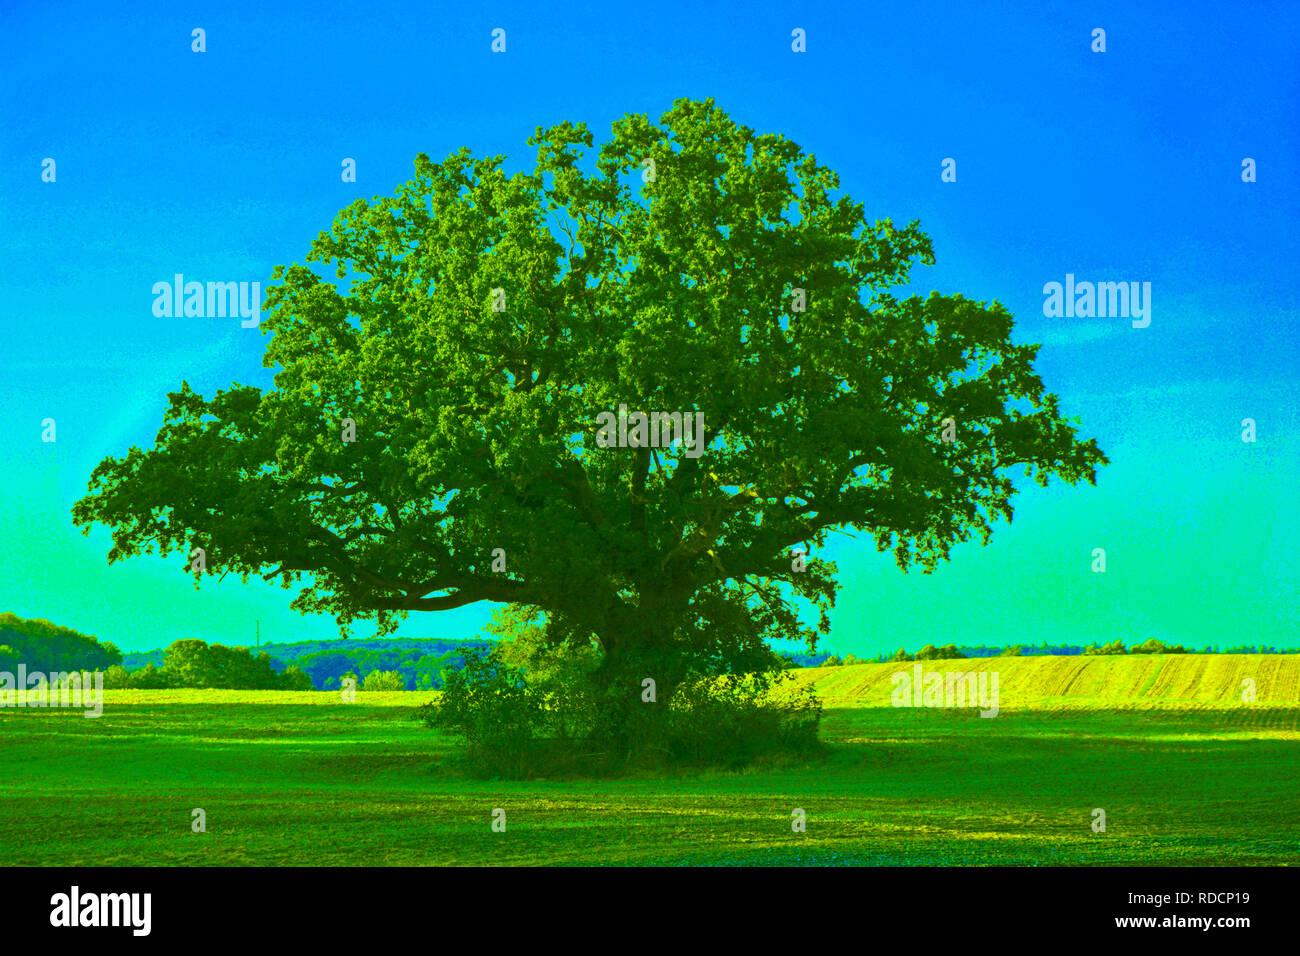 Landschaft, Hintergrund, Natur, Baum Stock Photo